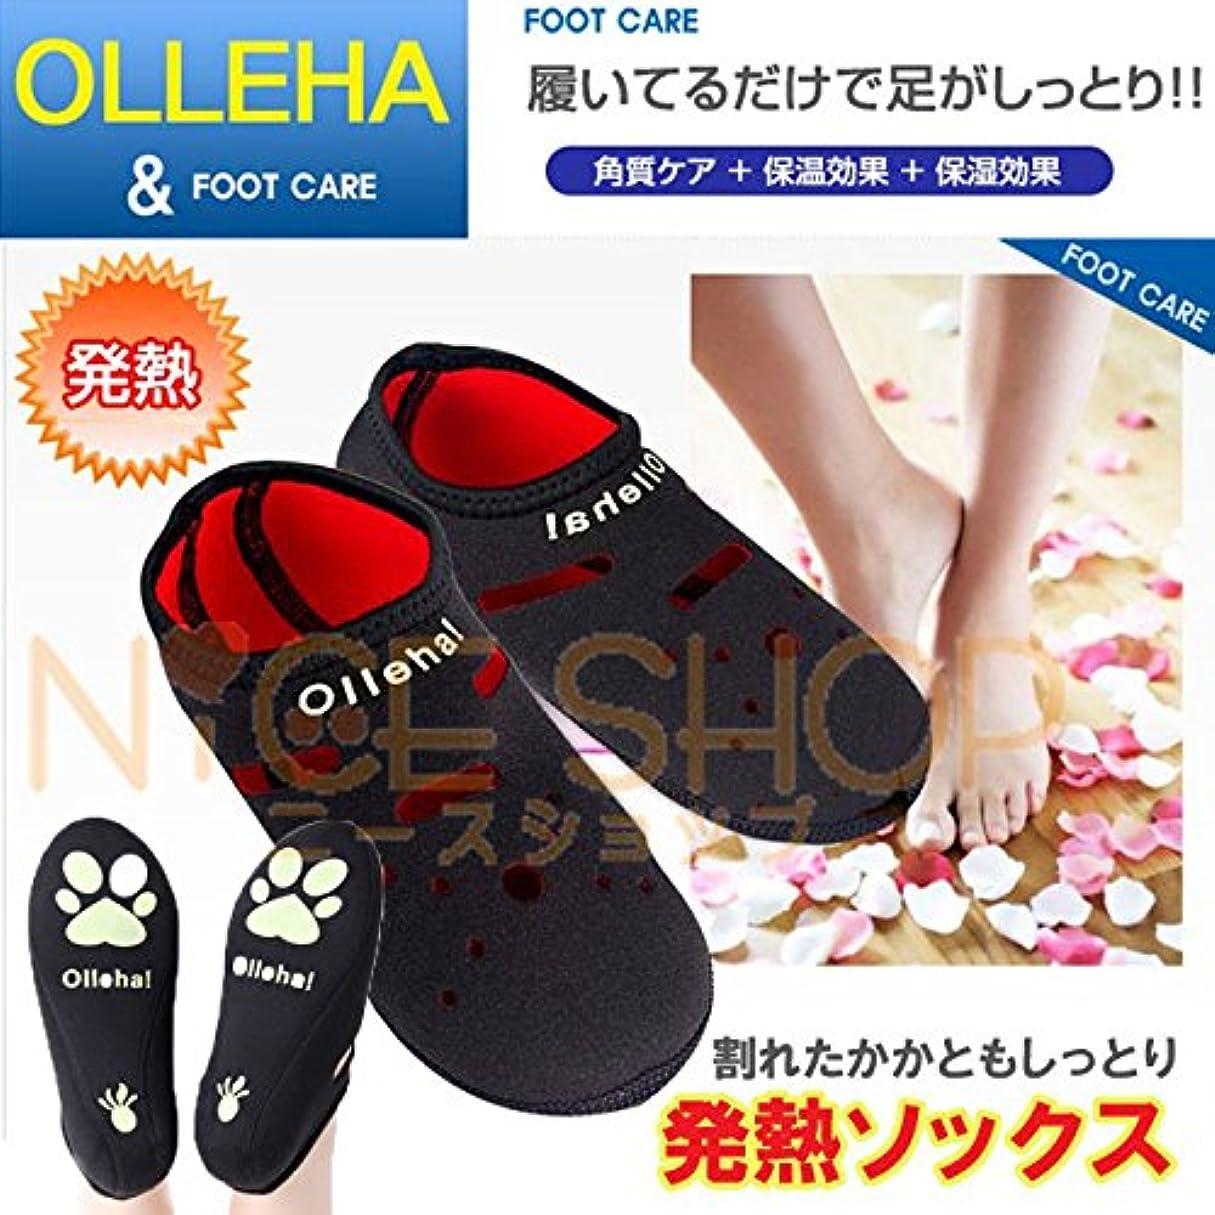 痛み仕立て屋散髪発熱靴下(足袋)発熱ソックス、フットケアー Olleha! (S(22.0~23.0))